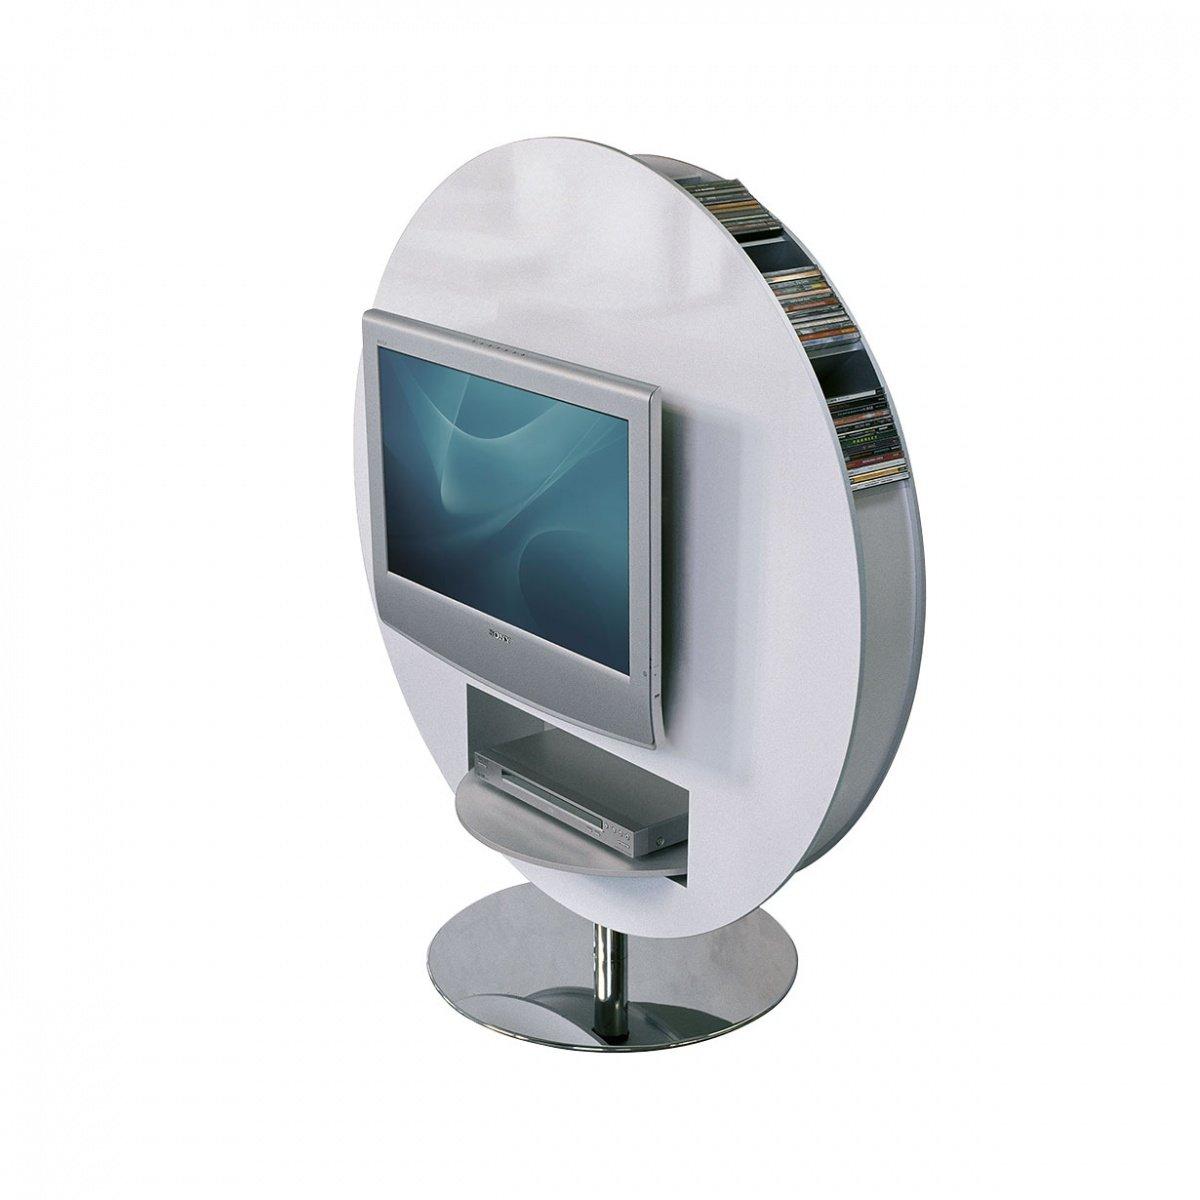 Un meuble TV Rond avec des rangements pour vos DVD